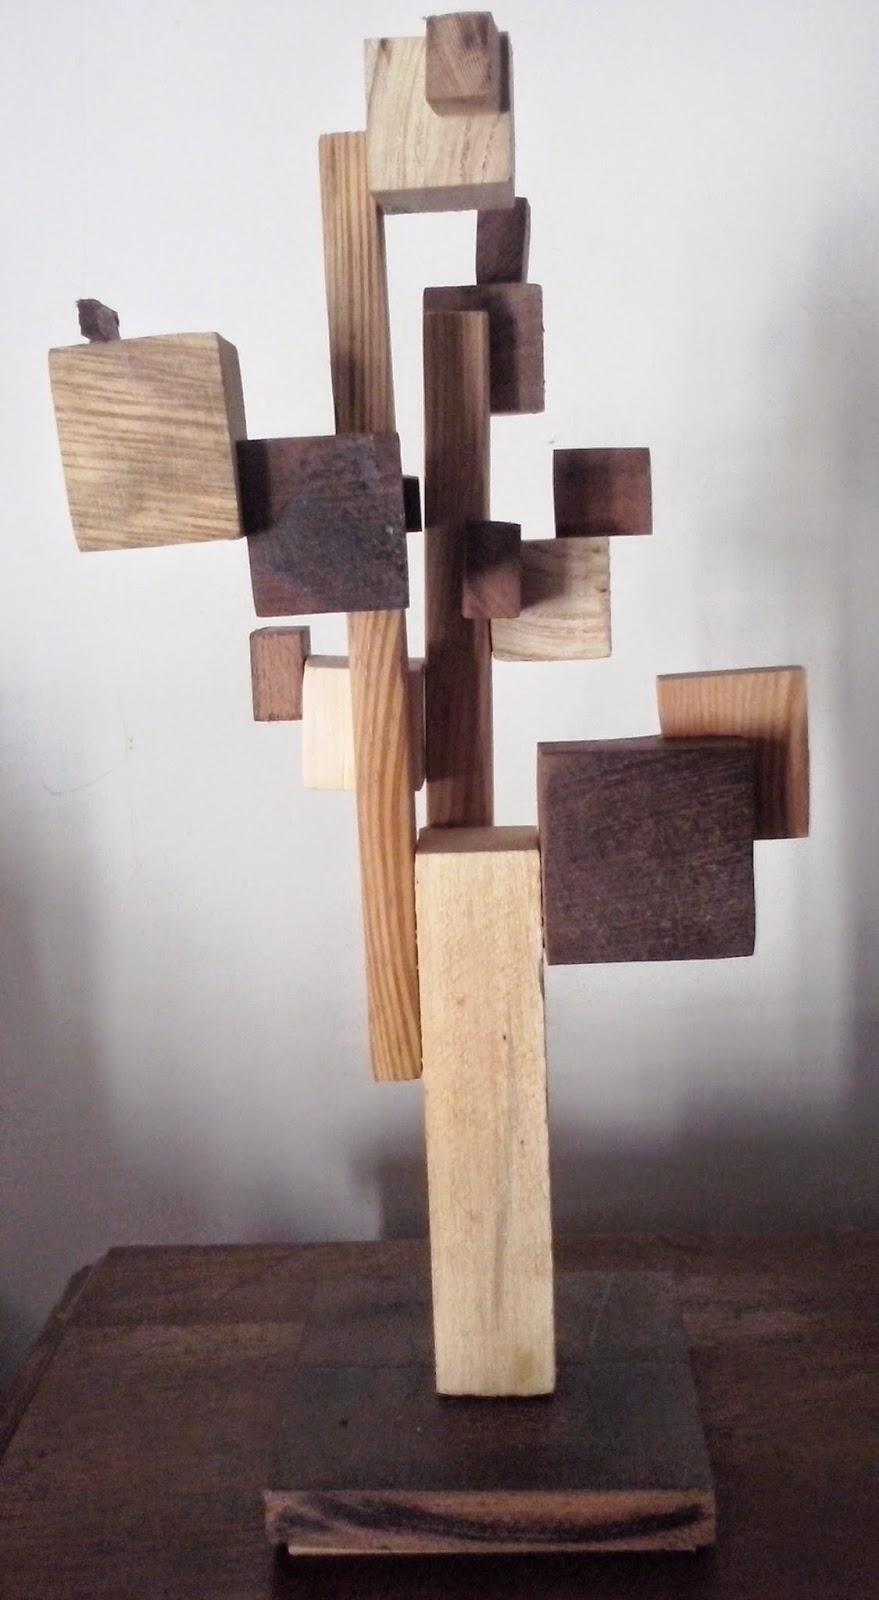 Reciclar arte y dise o una forma de reciclado for Imagenes de reciclaje de madera